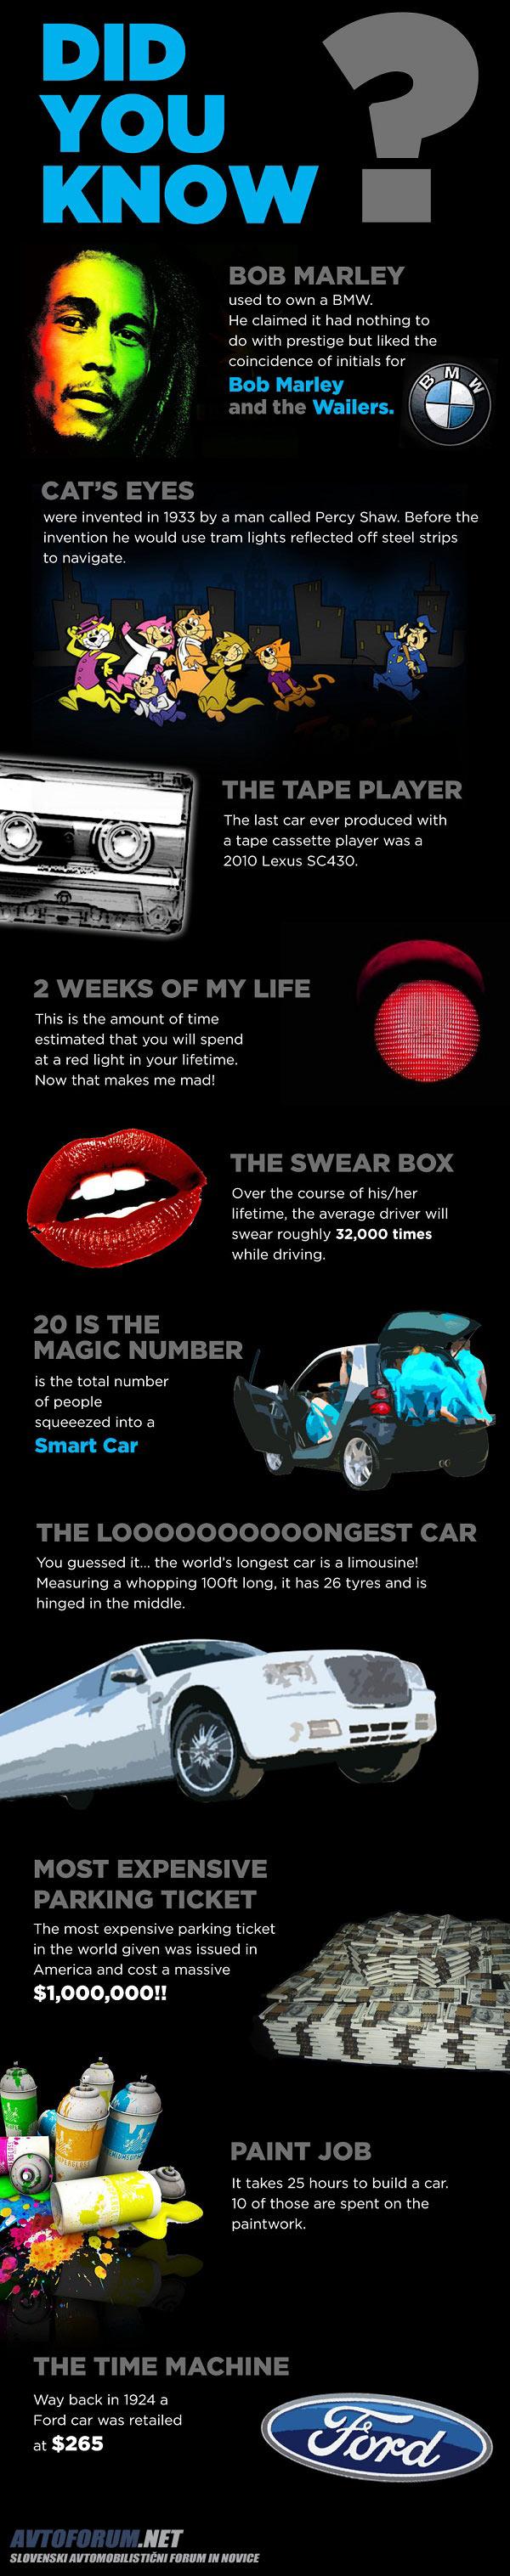 nekaj-zanimivih-avtomobilističnih-dejstev